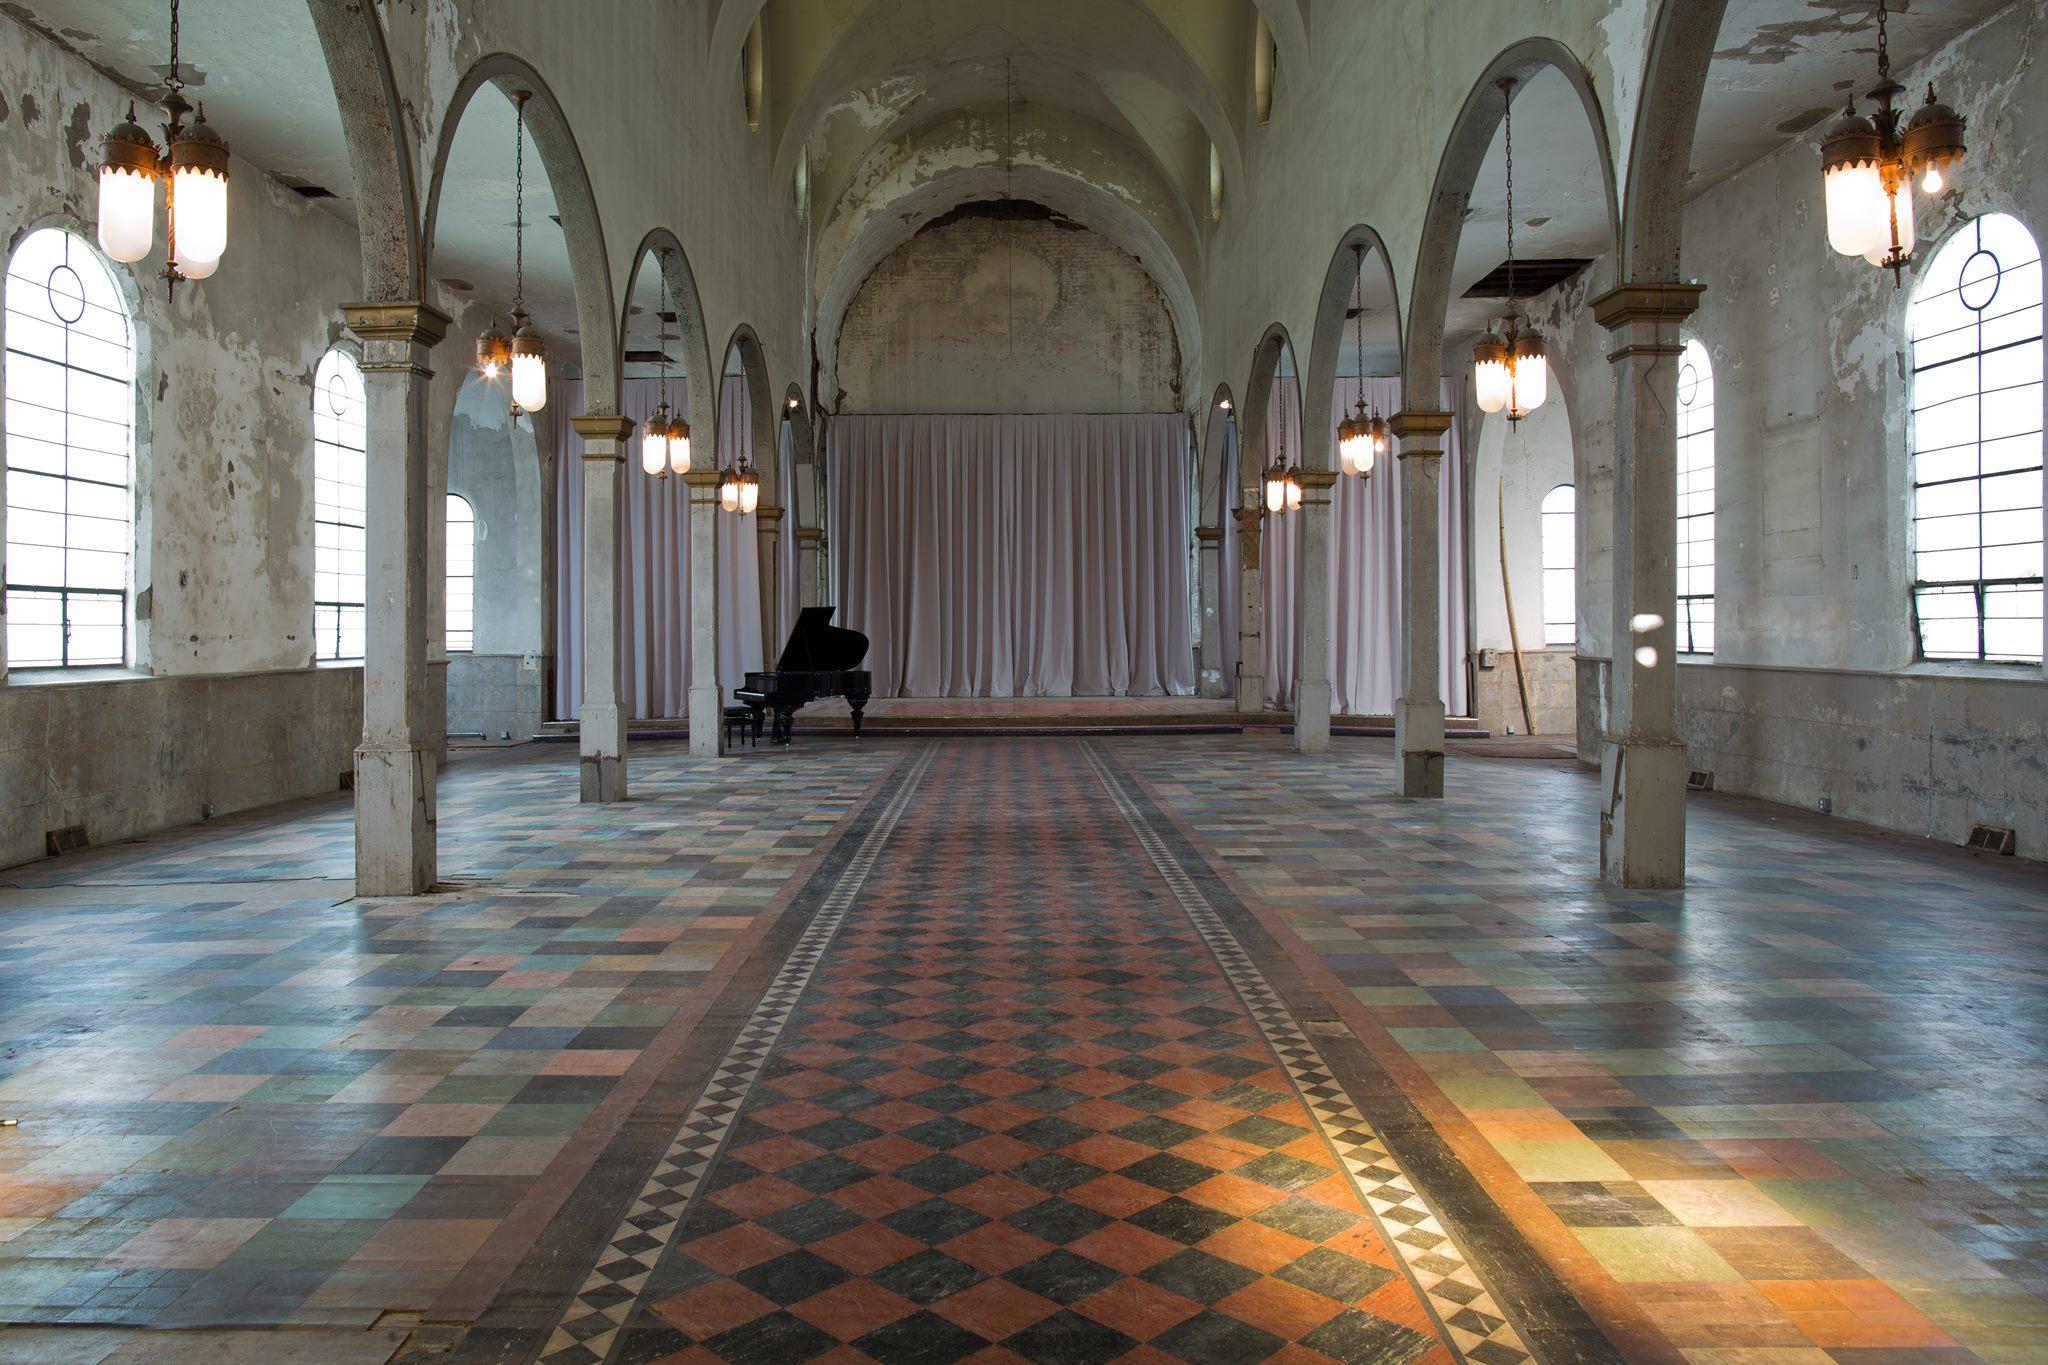 Marginy Opera House